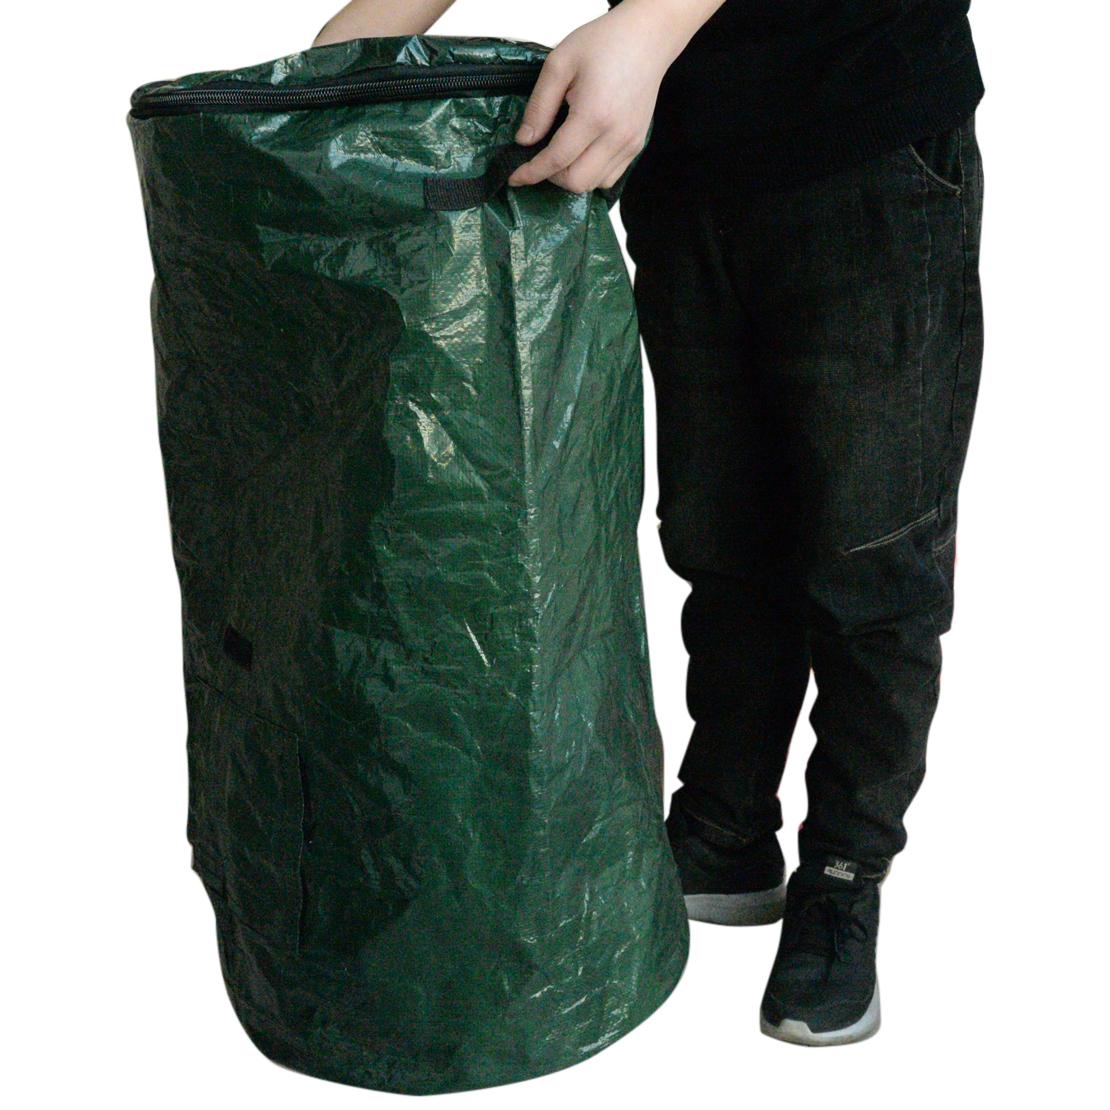 ☀️ 3 Stück Gartensäcke 450 Liter 112 cm hoch Gartensack Rasensack BIG BAG BAGS